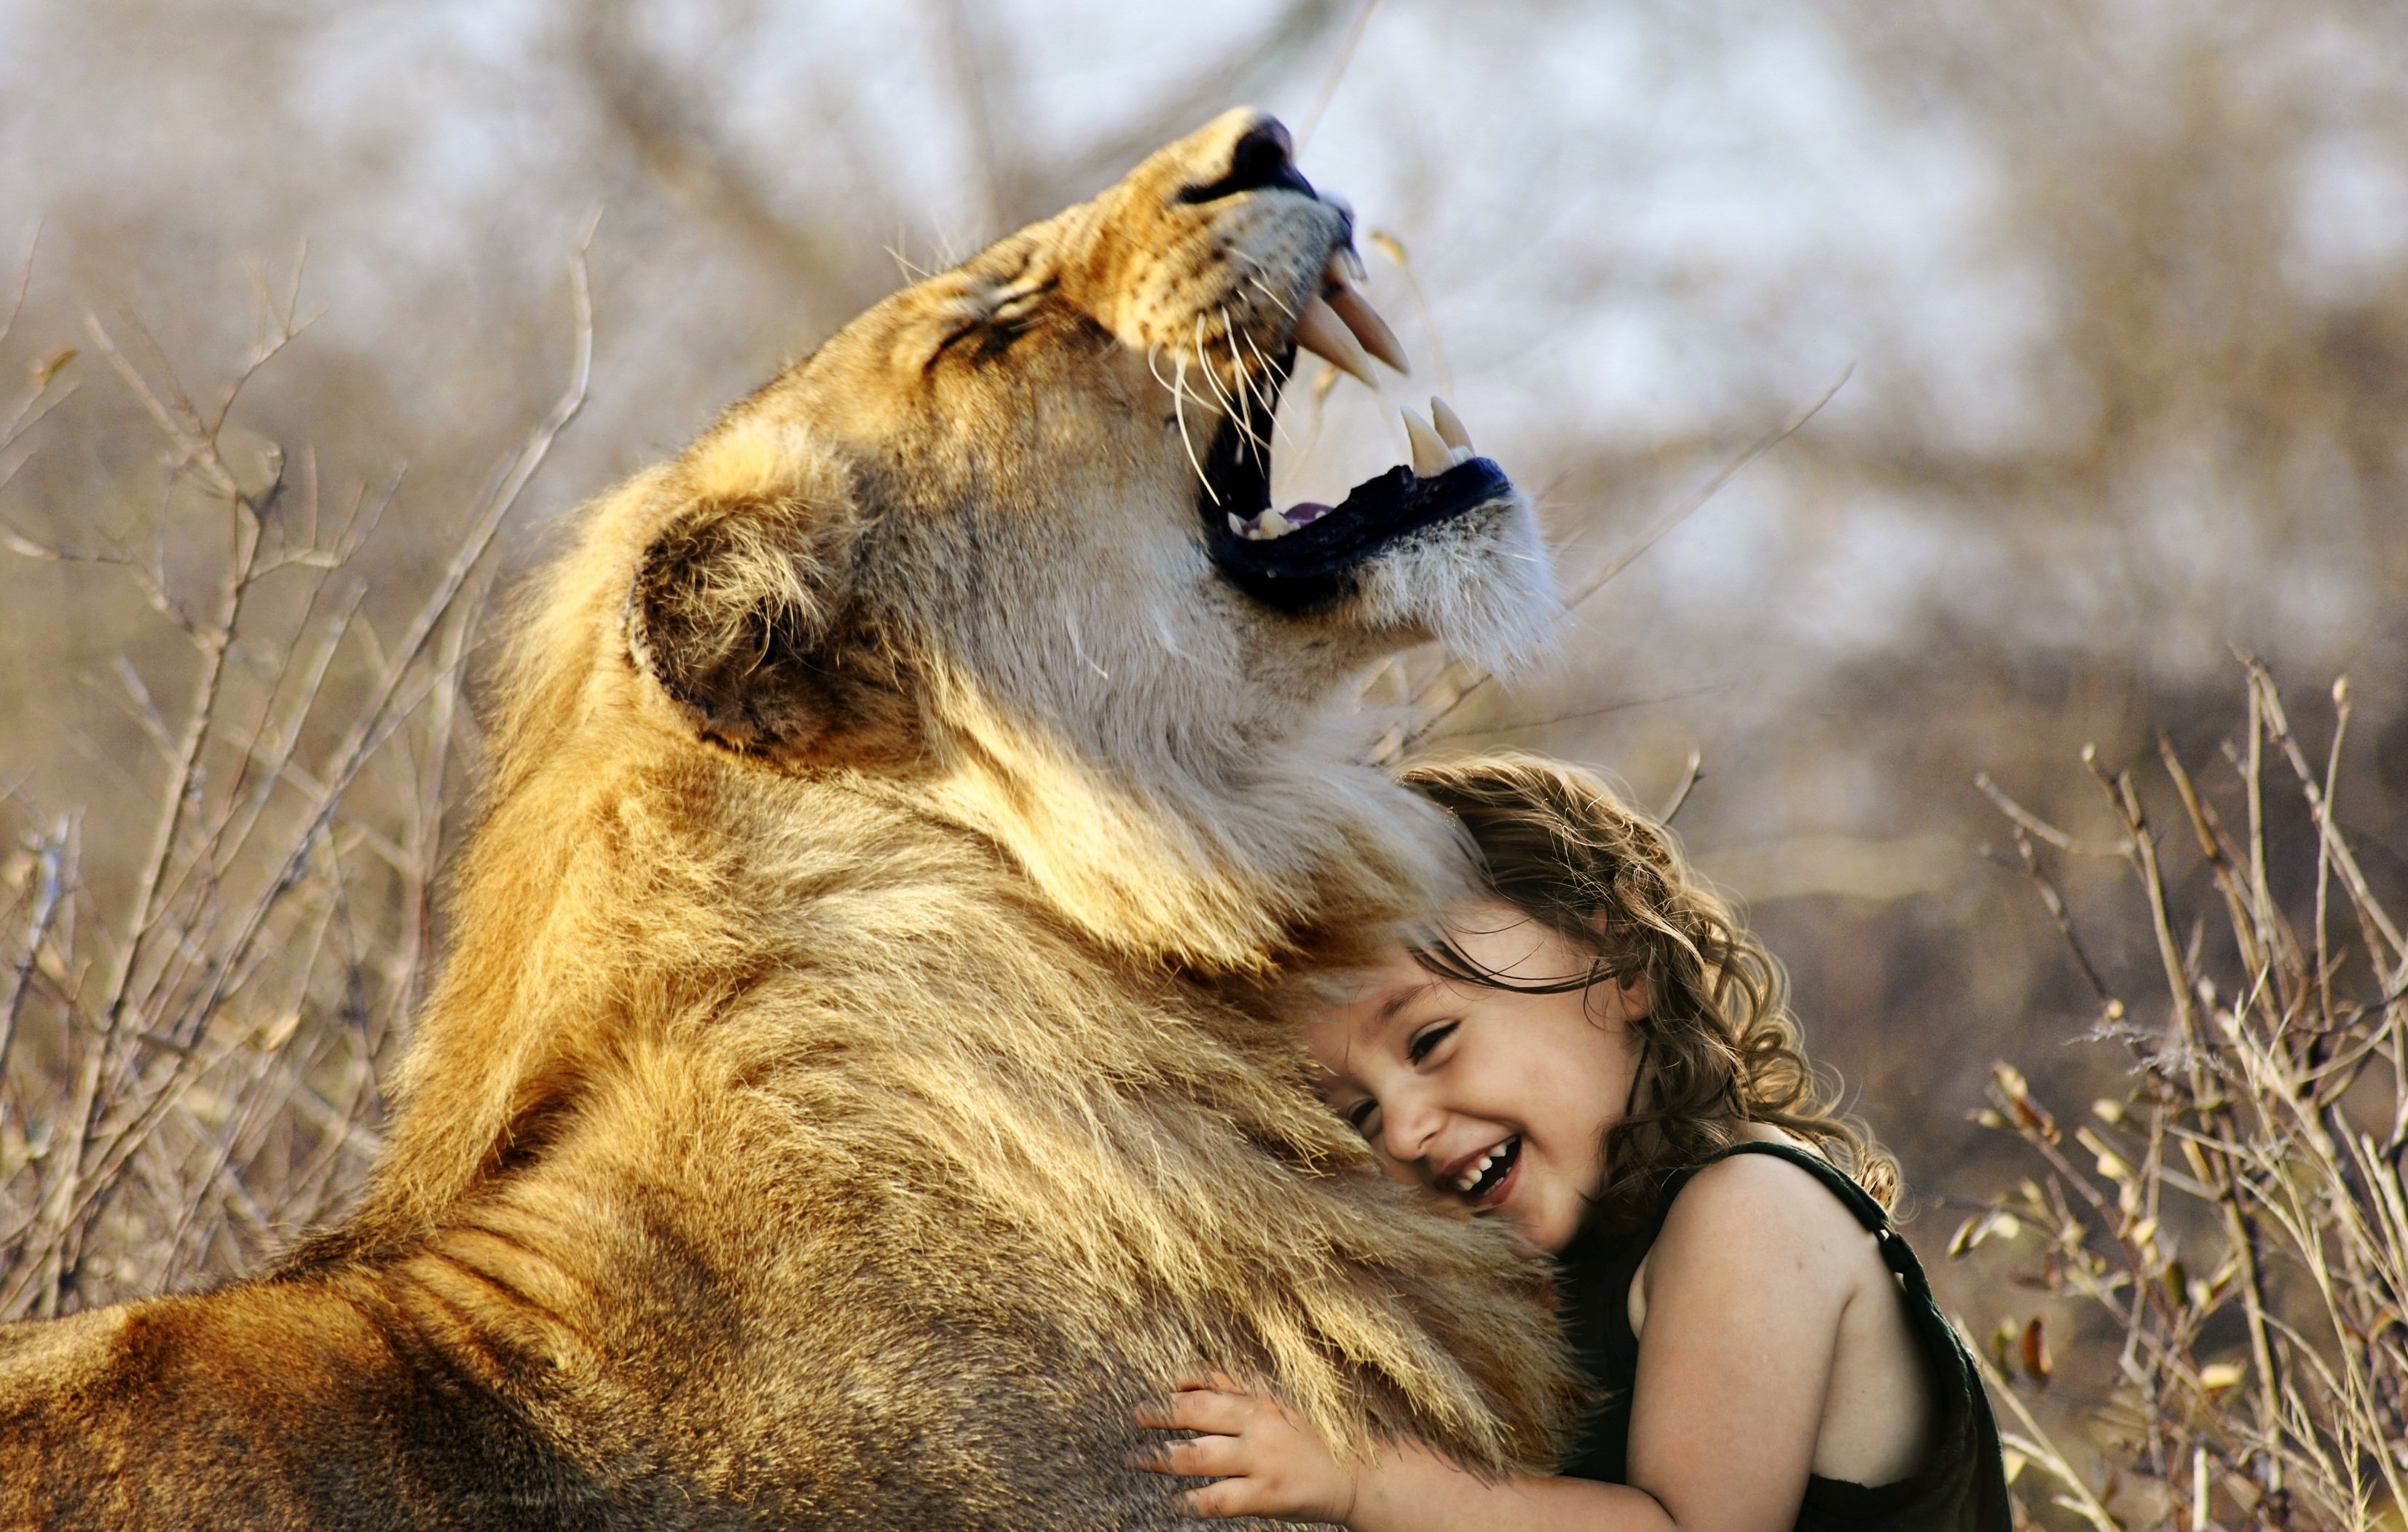 Sydafrika på väg att stoppa jakt på lejon i fångenskap Hurra!